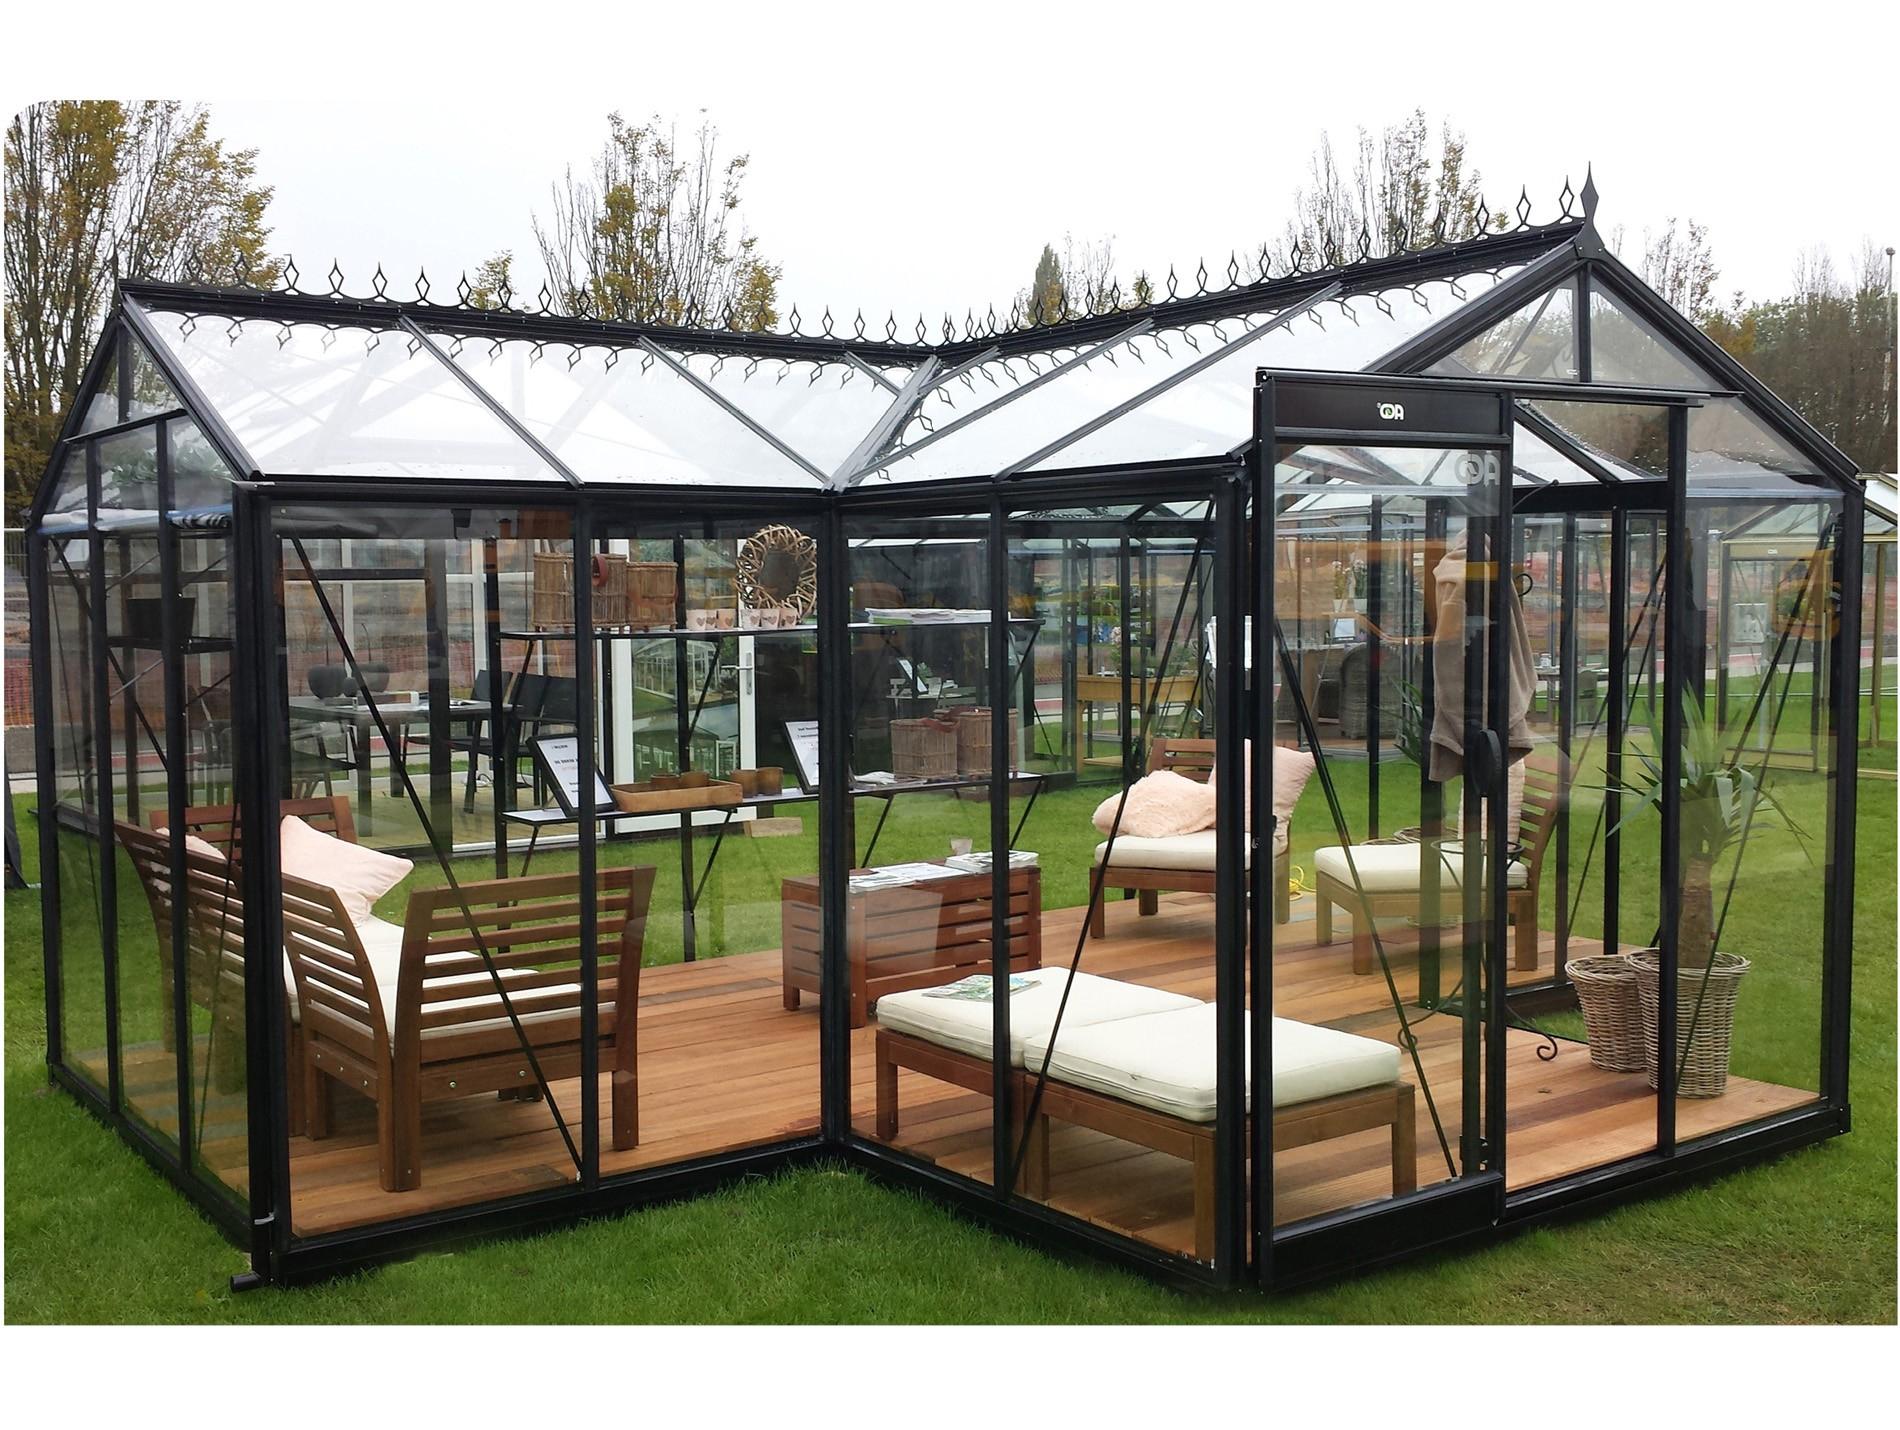 Serre Acd Prestige Orangerie Babette 15,40M² - Serre De ... intérieur Abri De Jardin Avec Serre